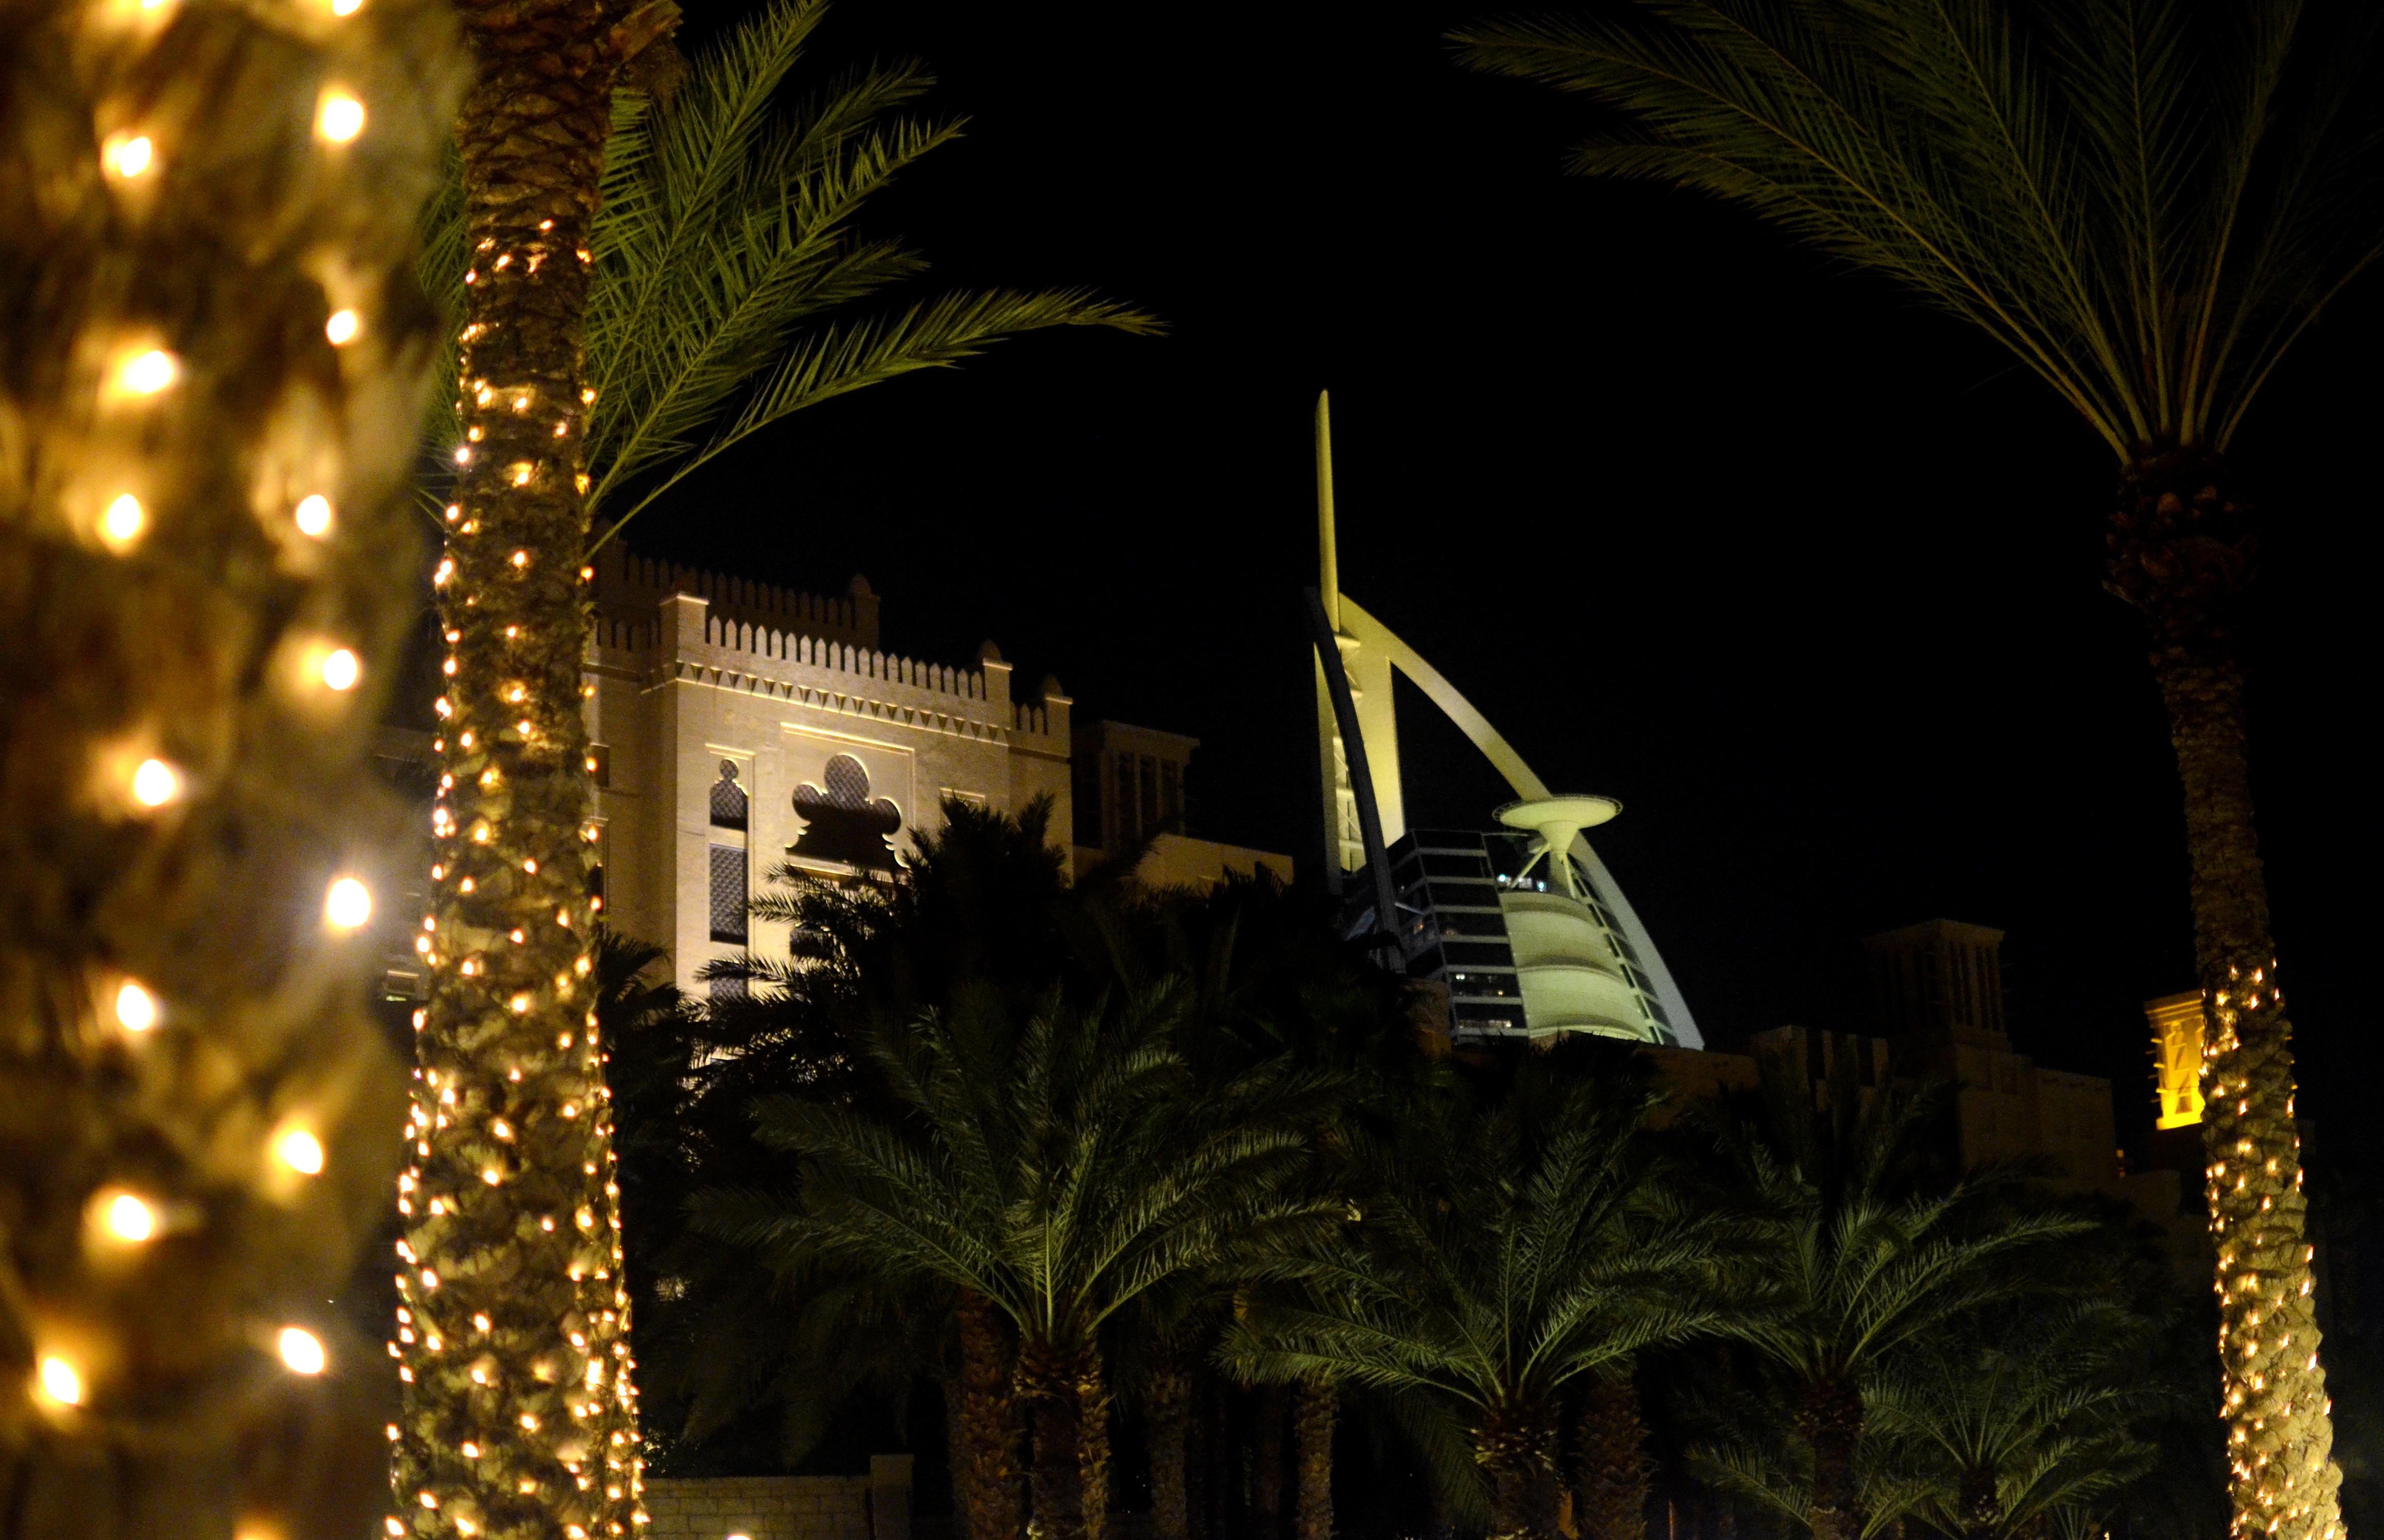 Burj al arab night 2 flickr photo sharing for Burj al arab per night